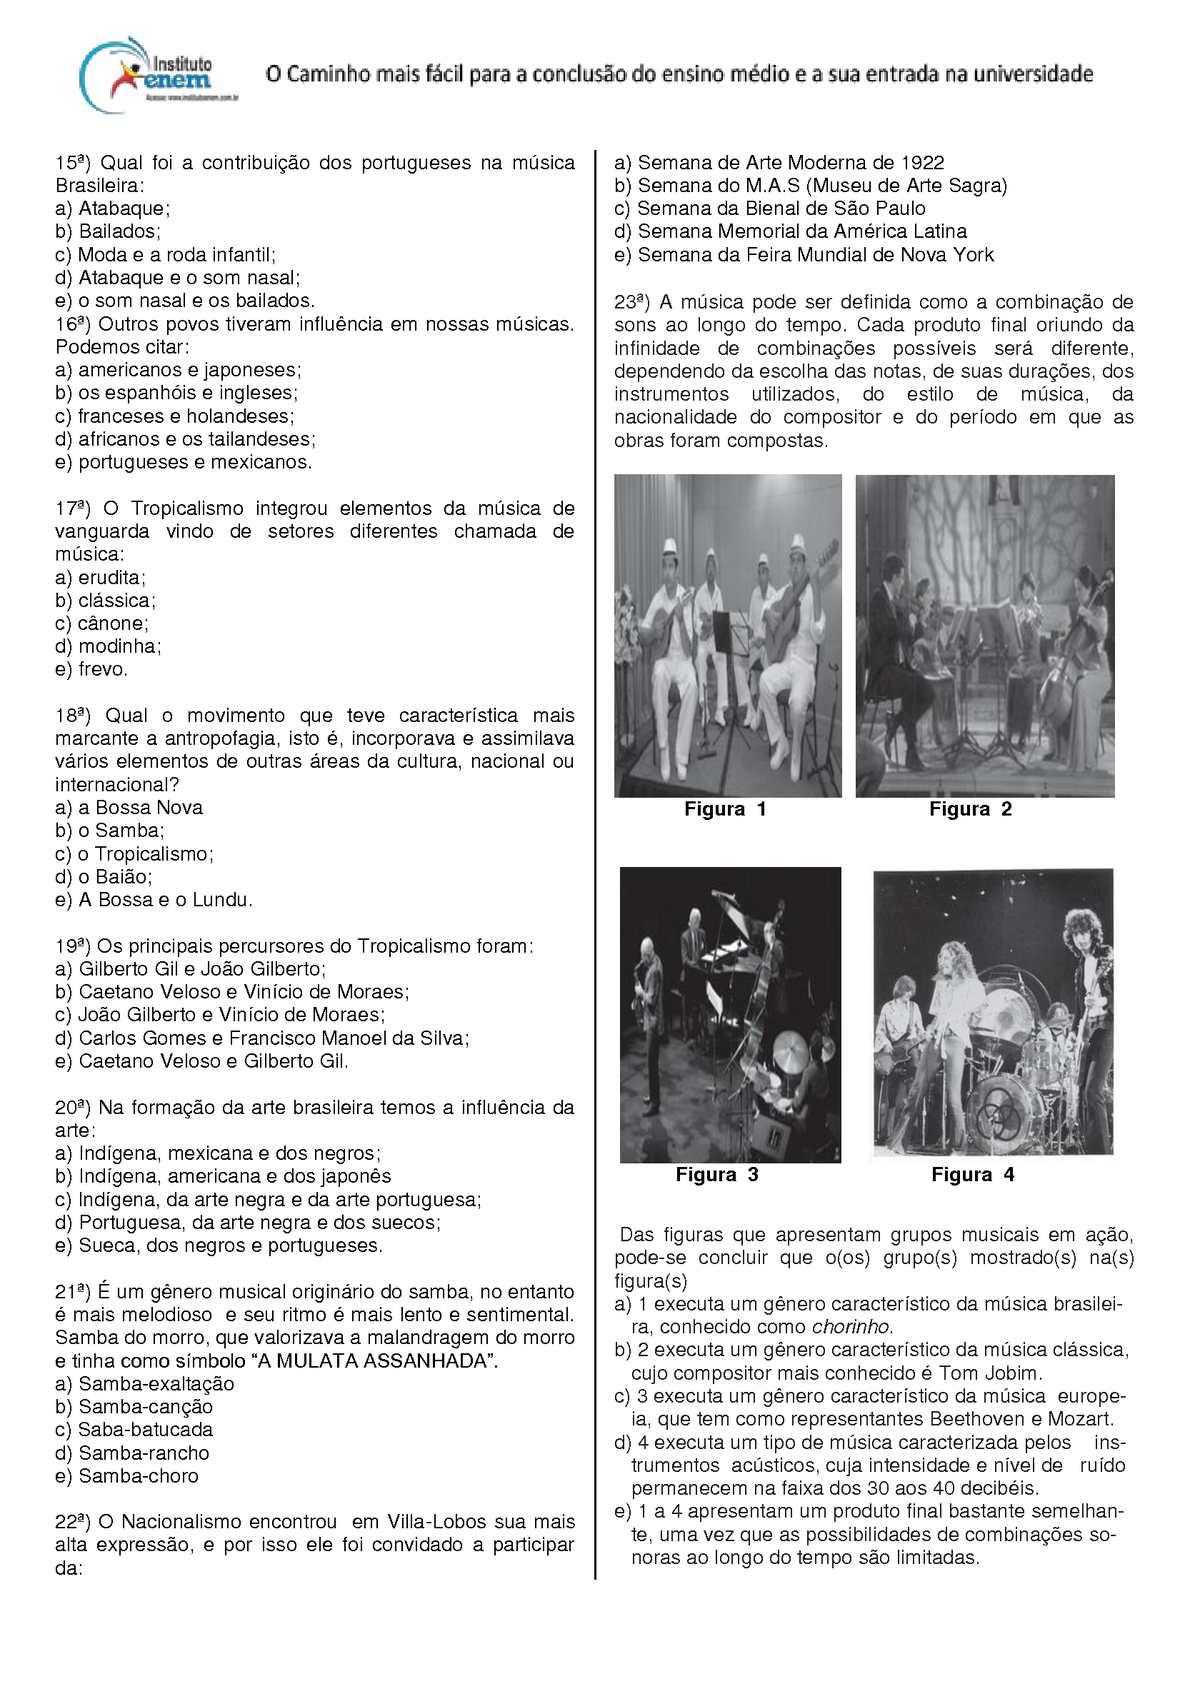 Material de Artes Instituto Enem - CALAMEO Downloader